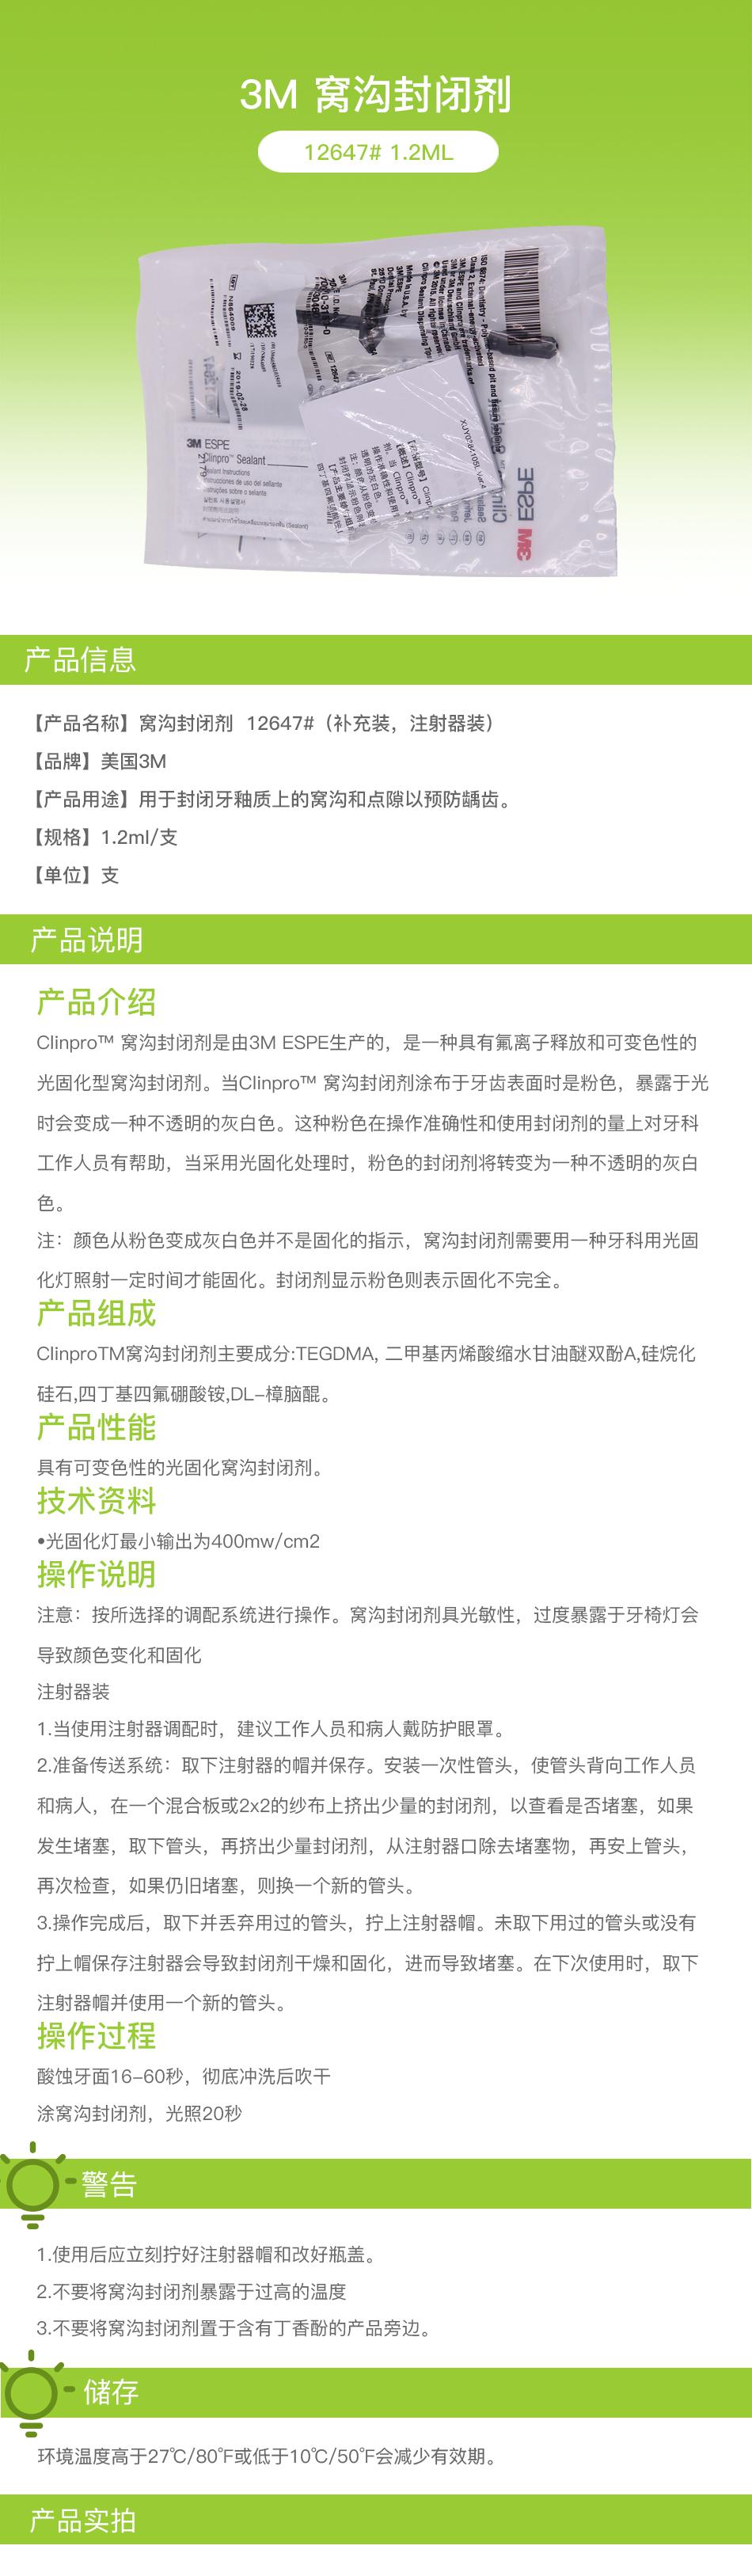 梅苗苗详情范本3M(短页).jpg